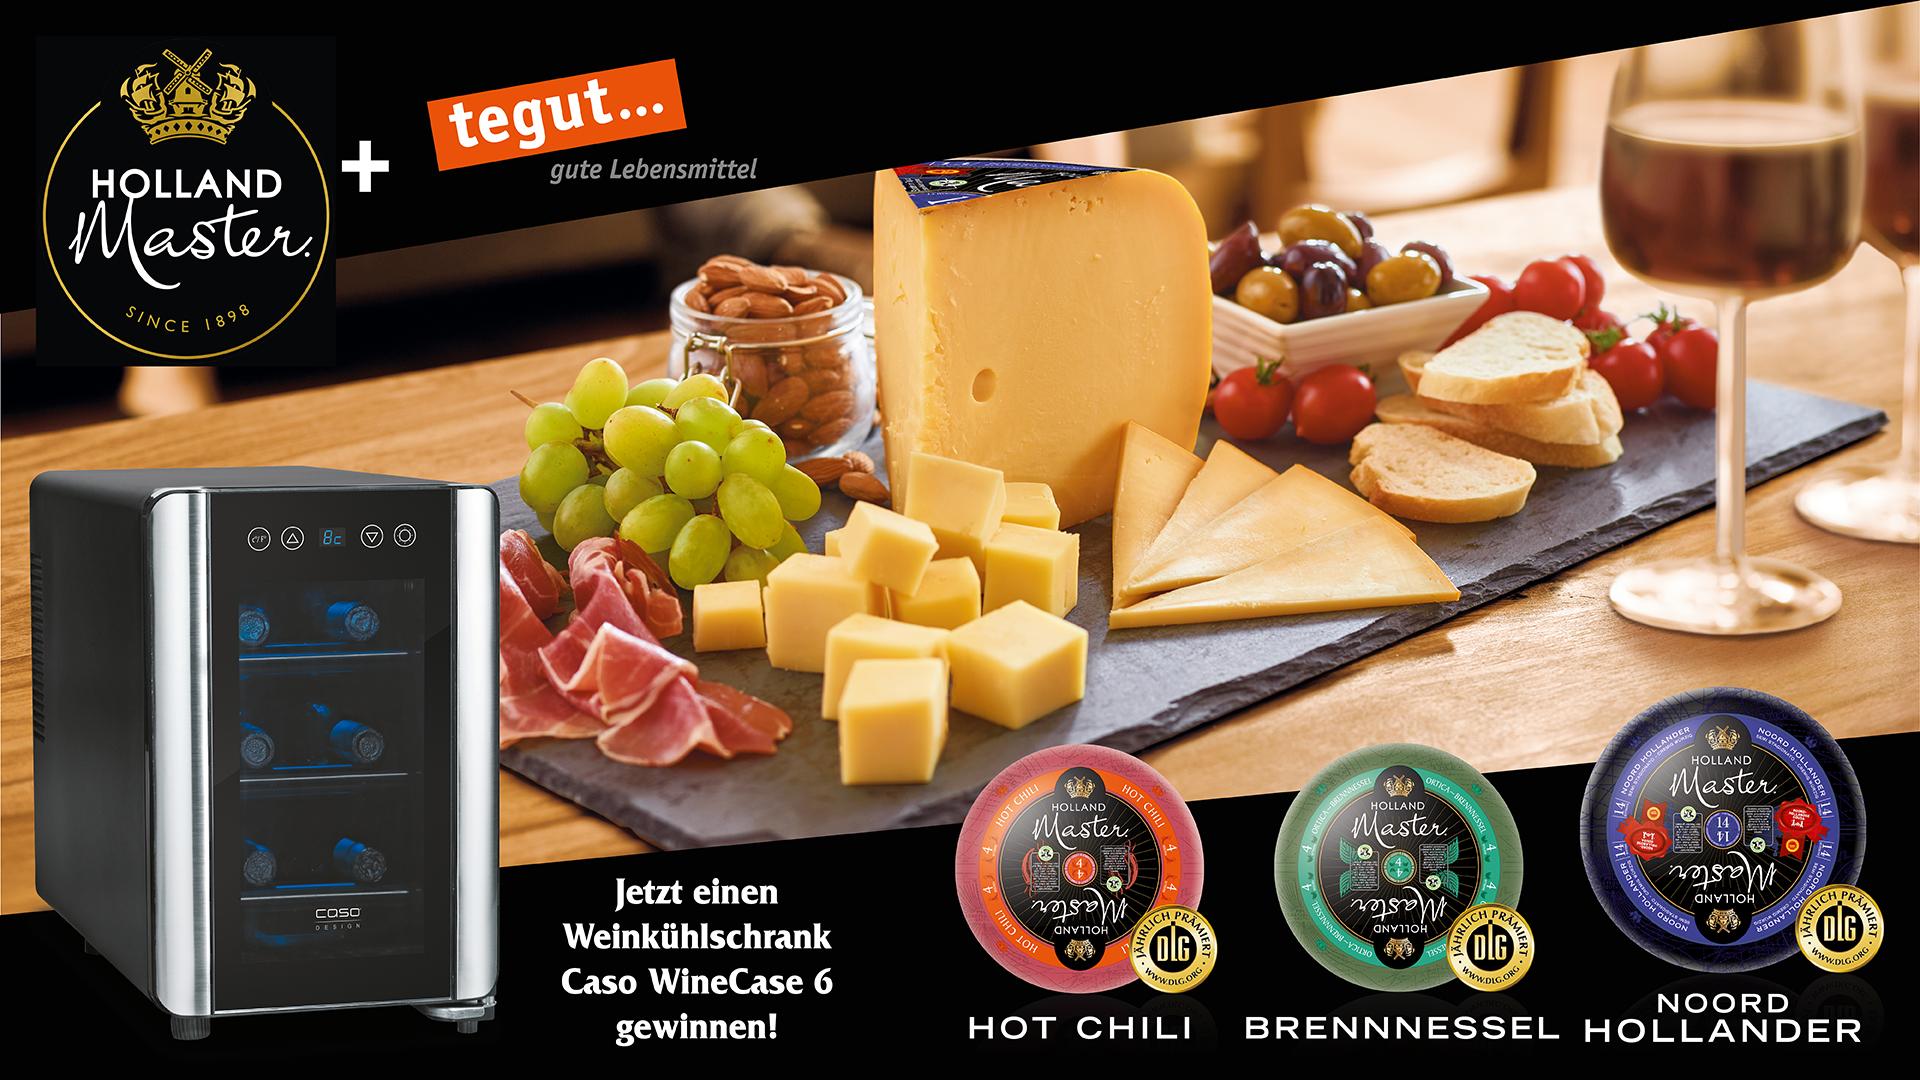 Gewinnspielbanner mit Weinkühlschrank, Käse in den Sorten Hot Chili, Brennnessel, Noord Hollander von Holland Master mit Käseplatte im Hintergrund und tegut... Logo